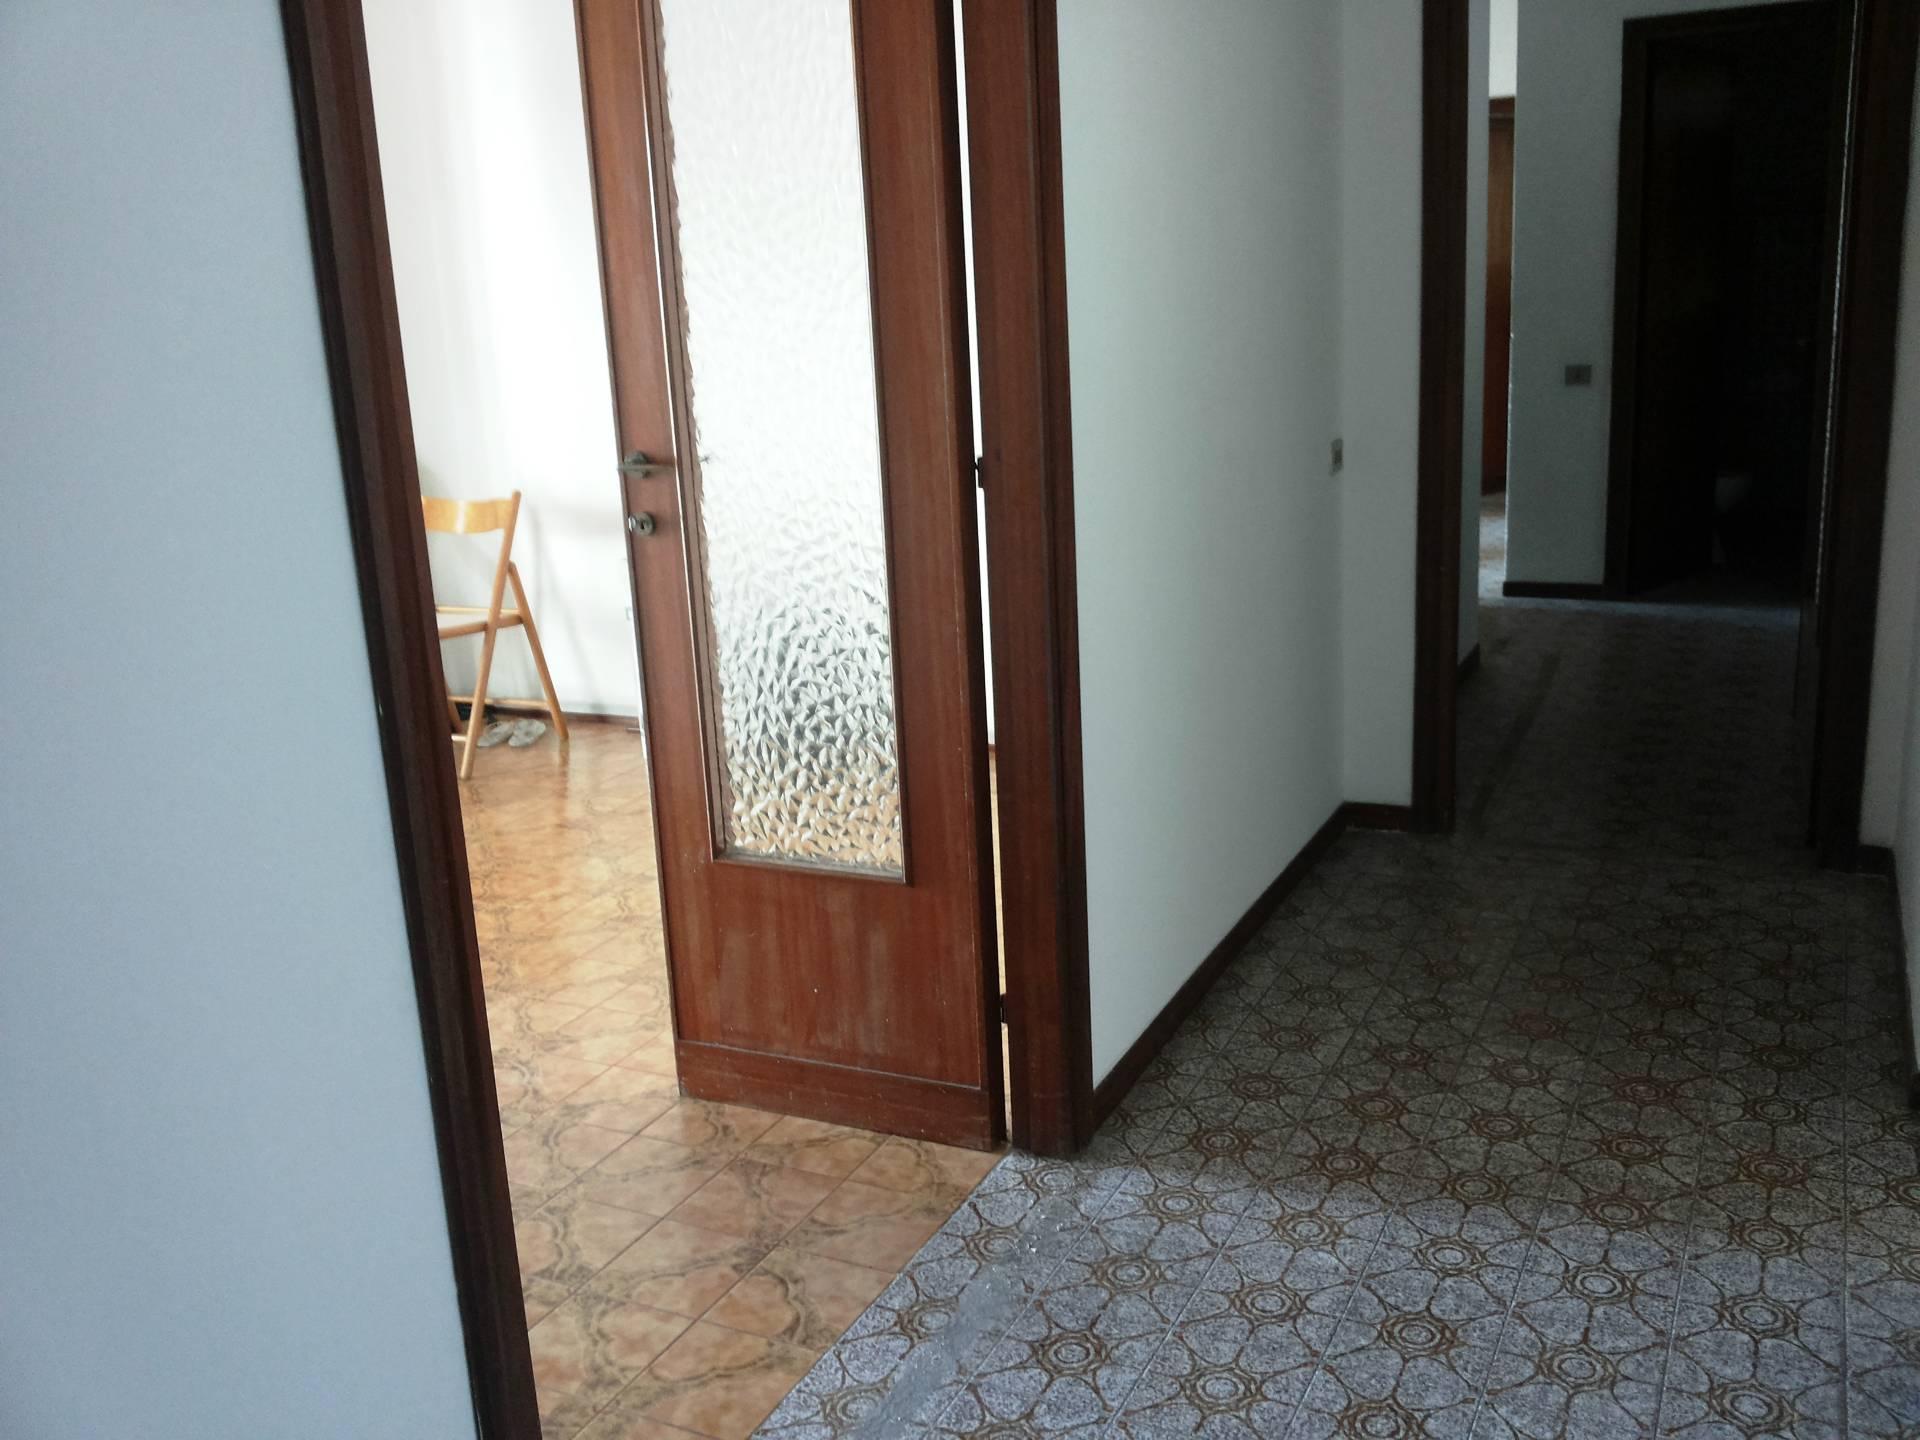 Appartamento in vendita a Pontedera, 4 locali, prezzo € 125.000 | Cambio Casa.it